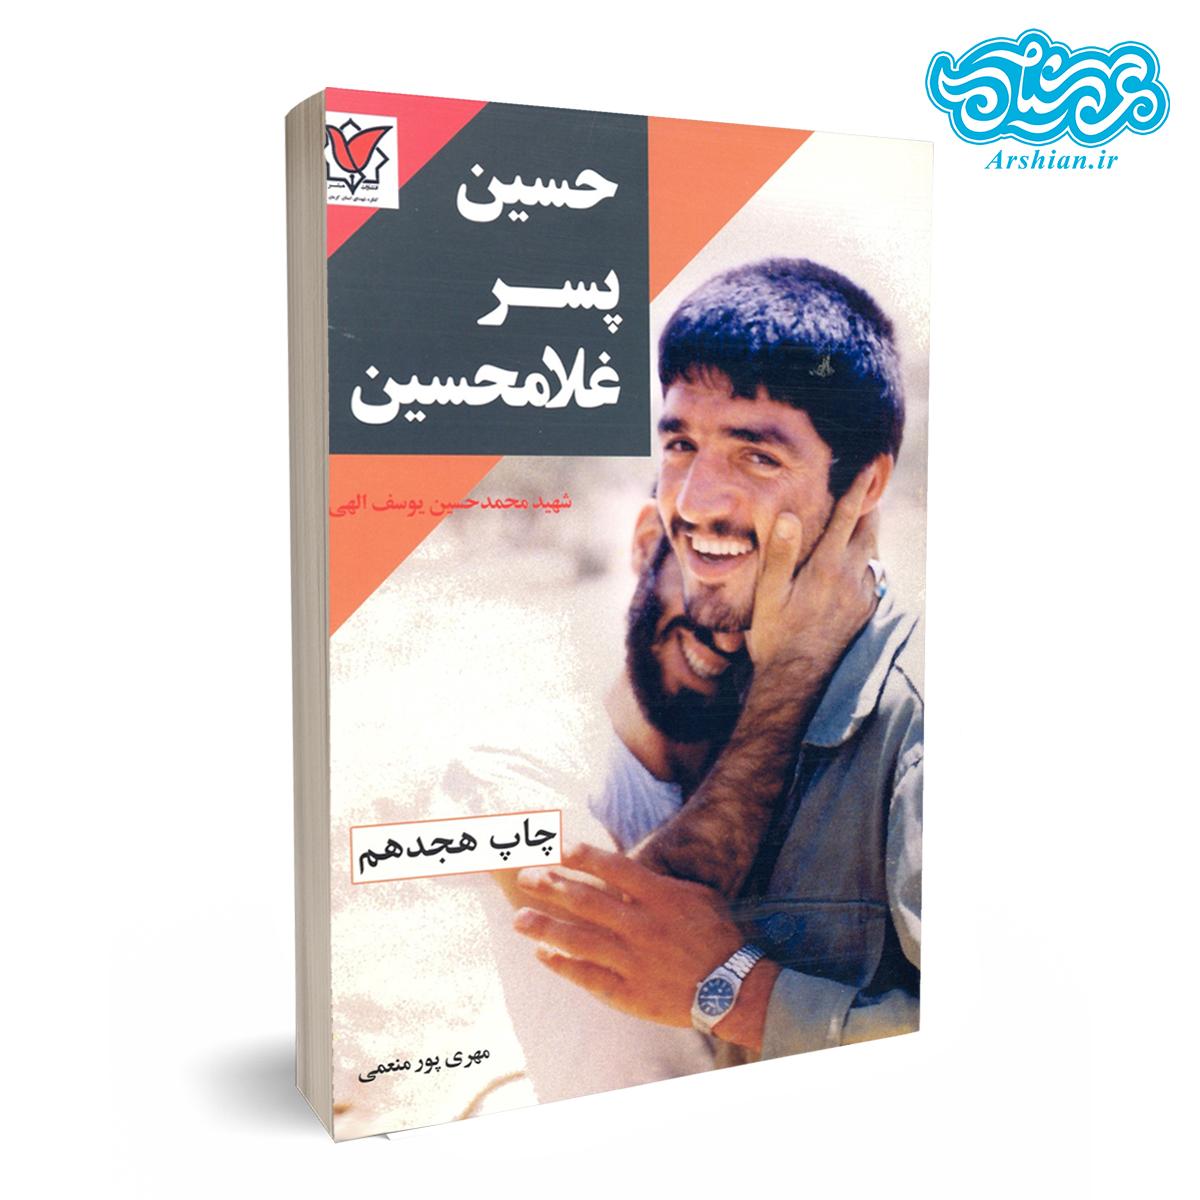 کتاب حسین پسر غلامحسین-زندگینامه شهید محمدحسین یوسف الهی